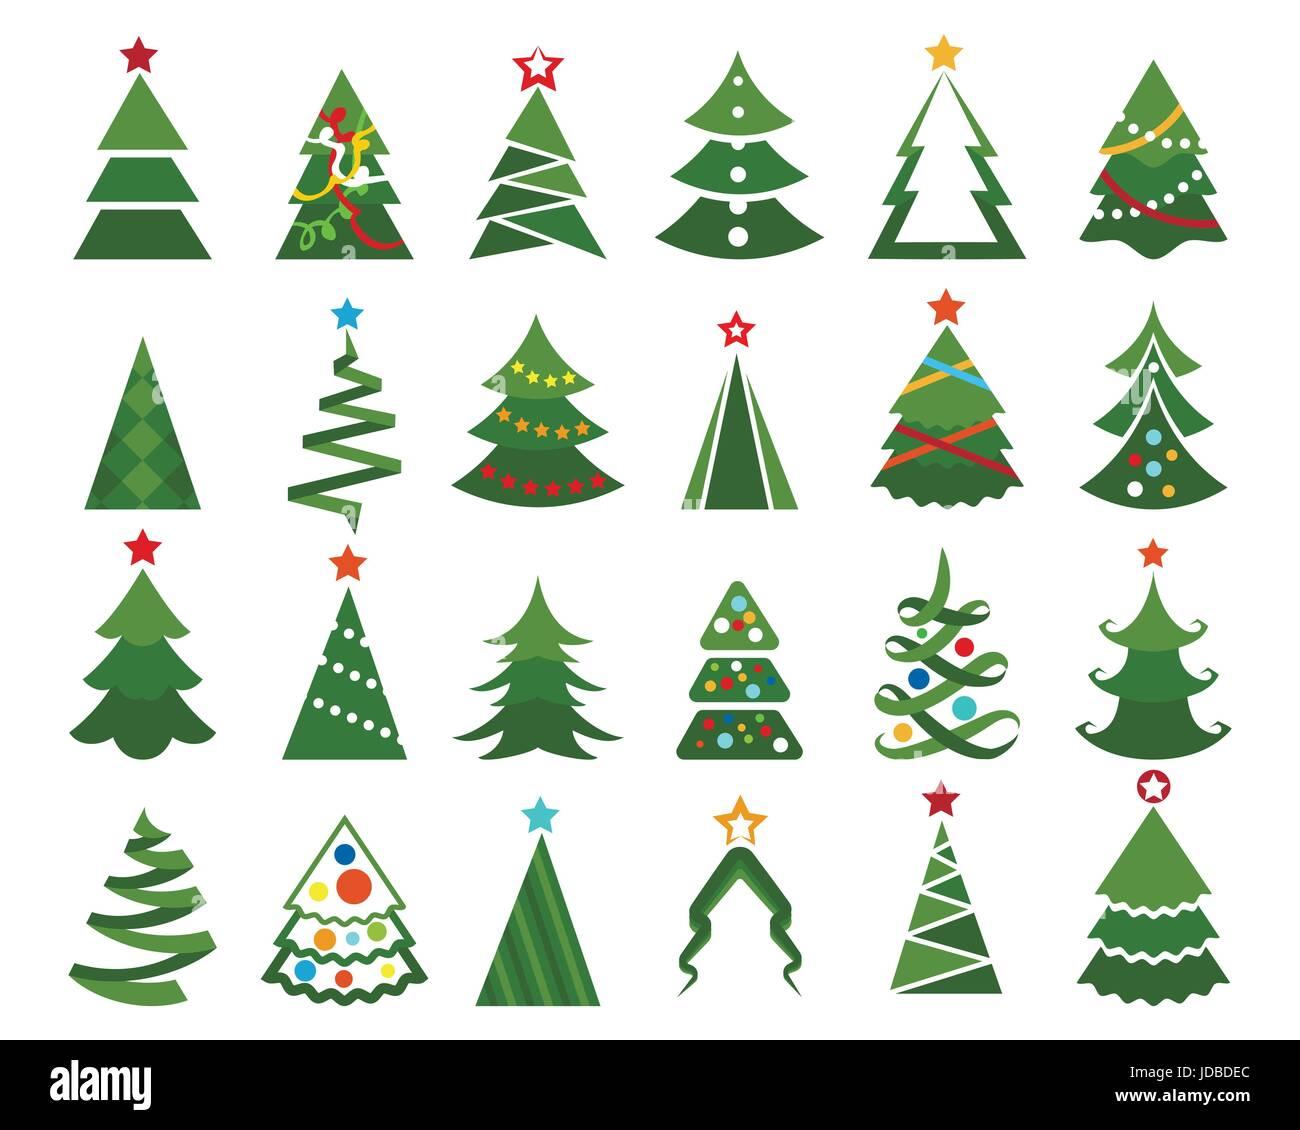 Arbol De Navidad Vector Set Ilustracion En Color De Dibujos